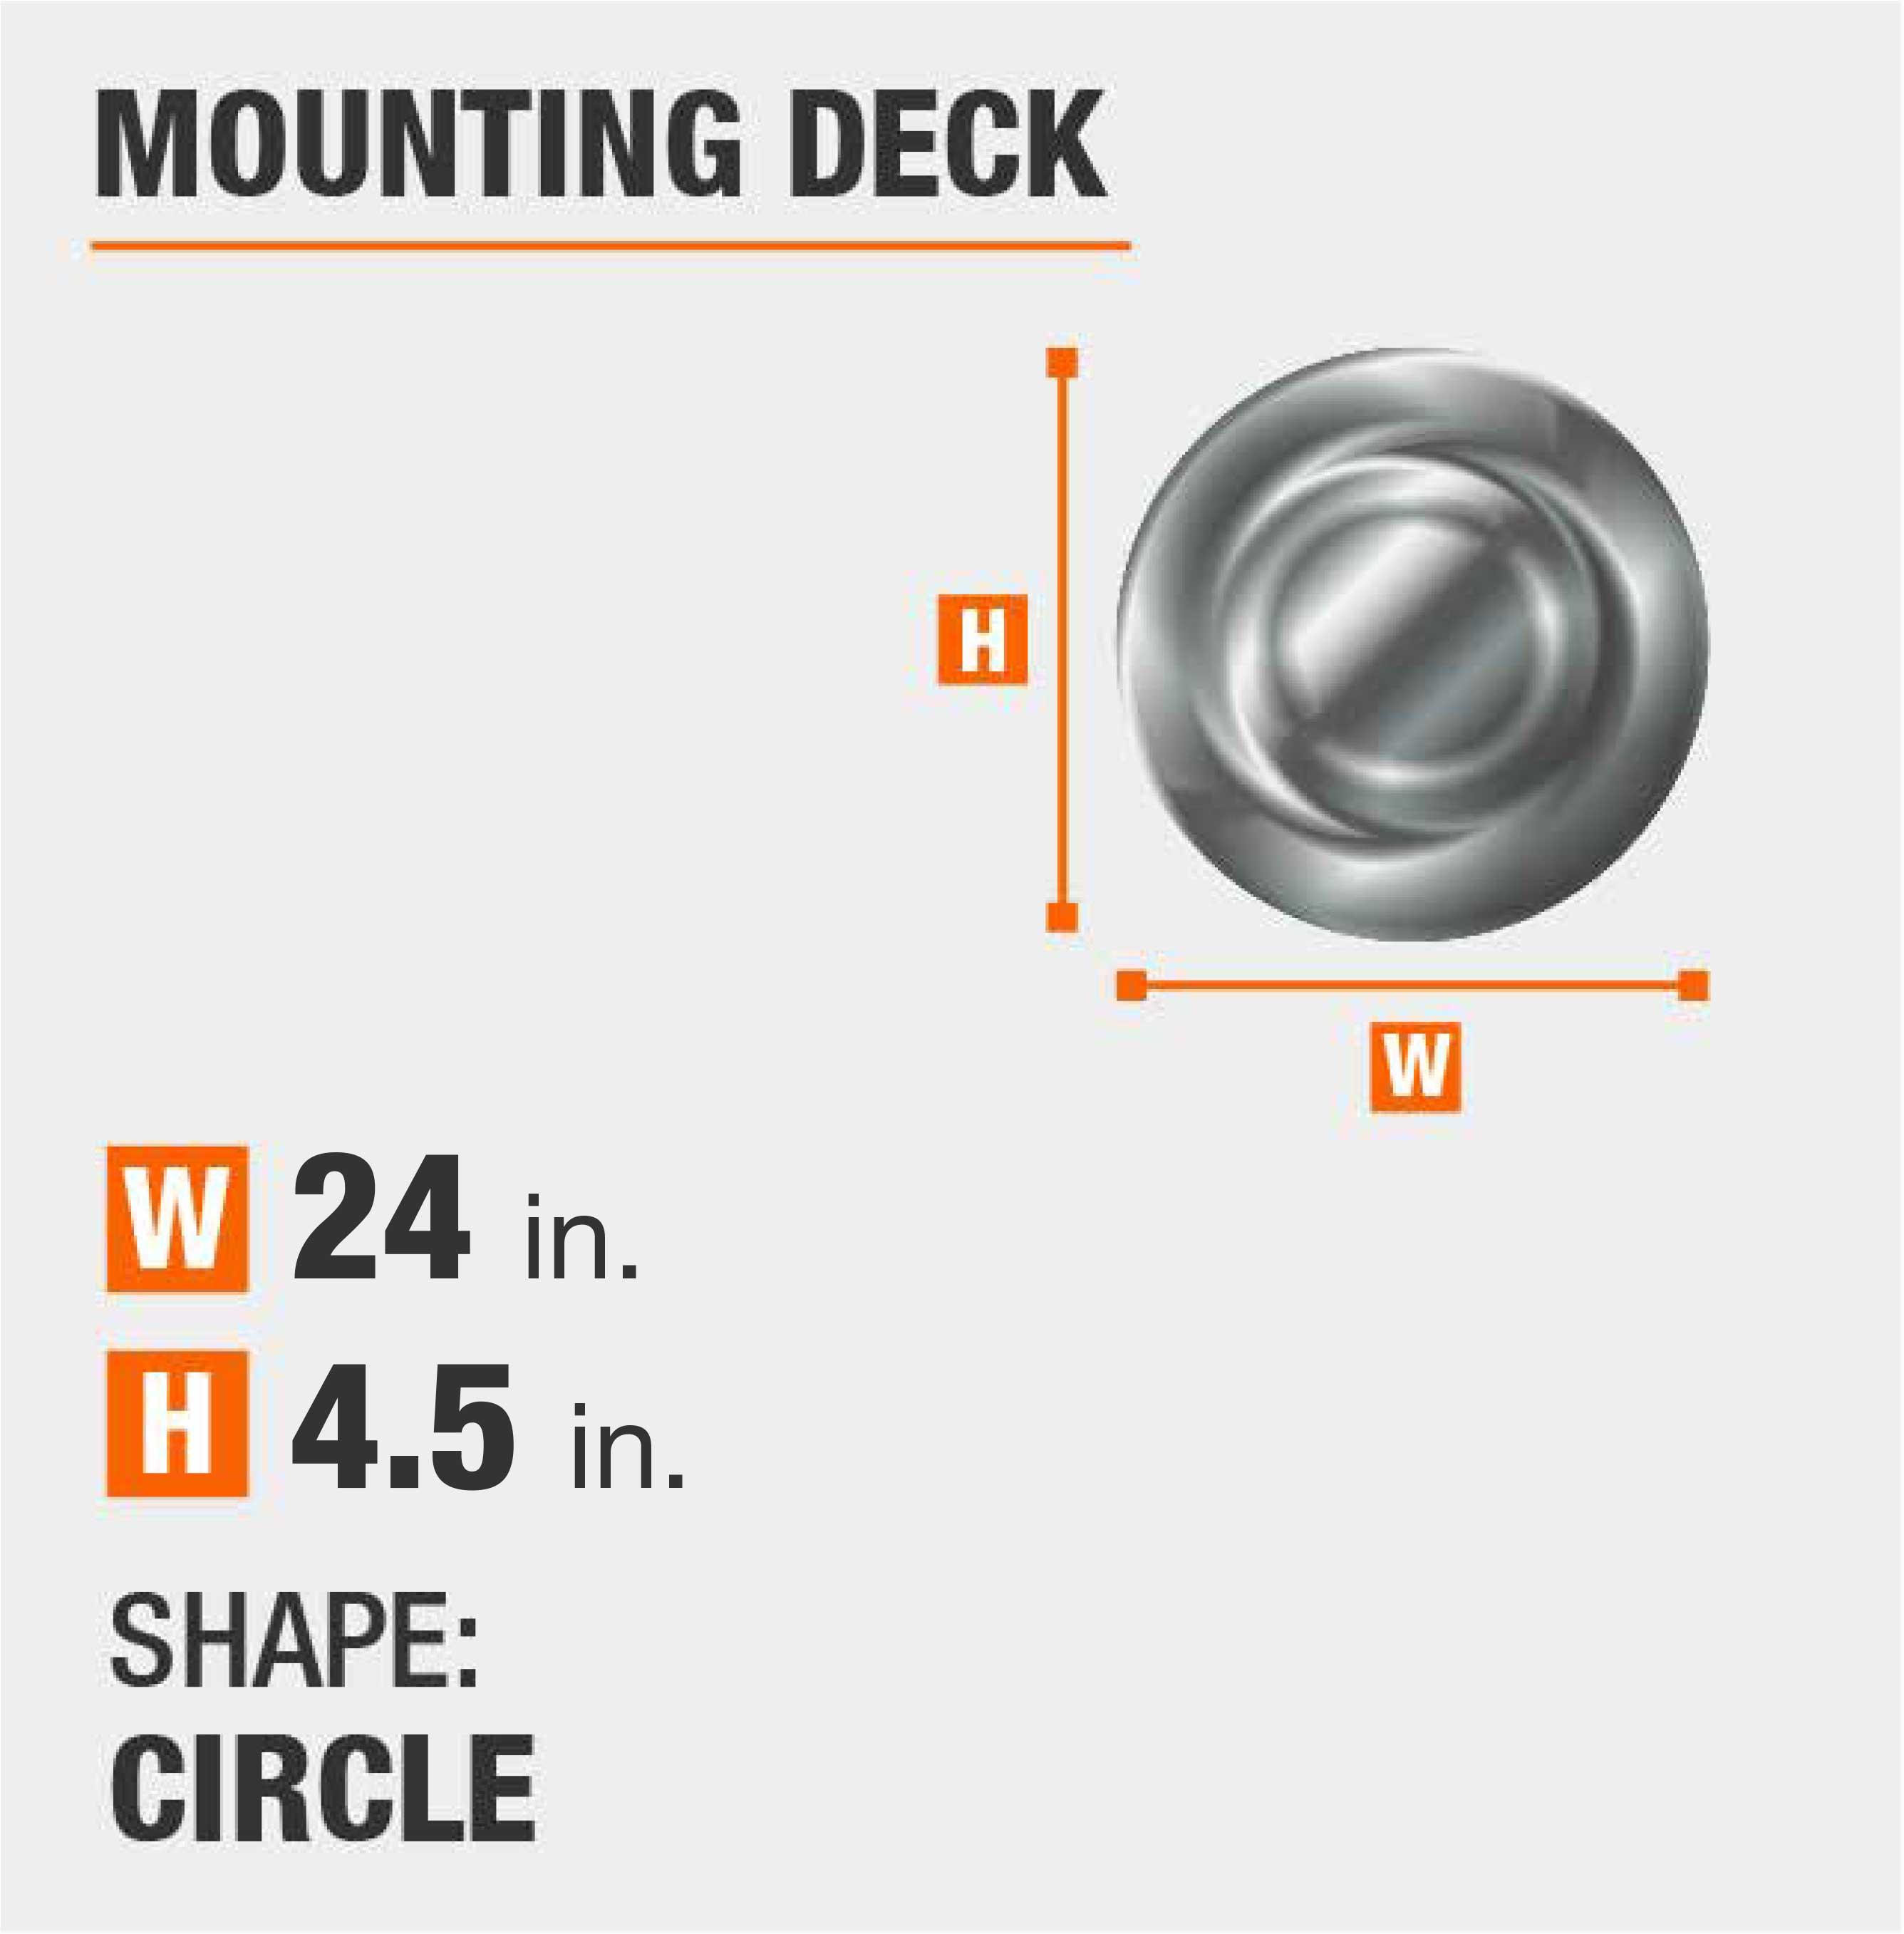 Circle Mounting Deck